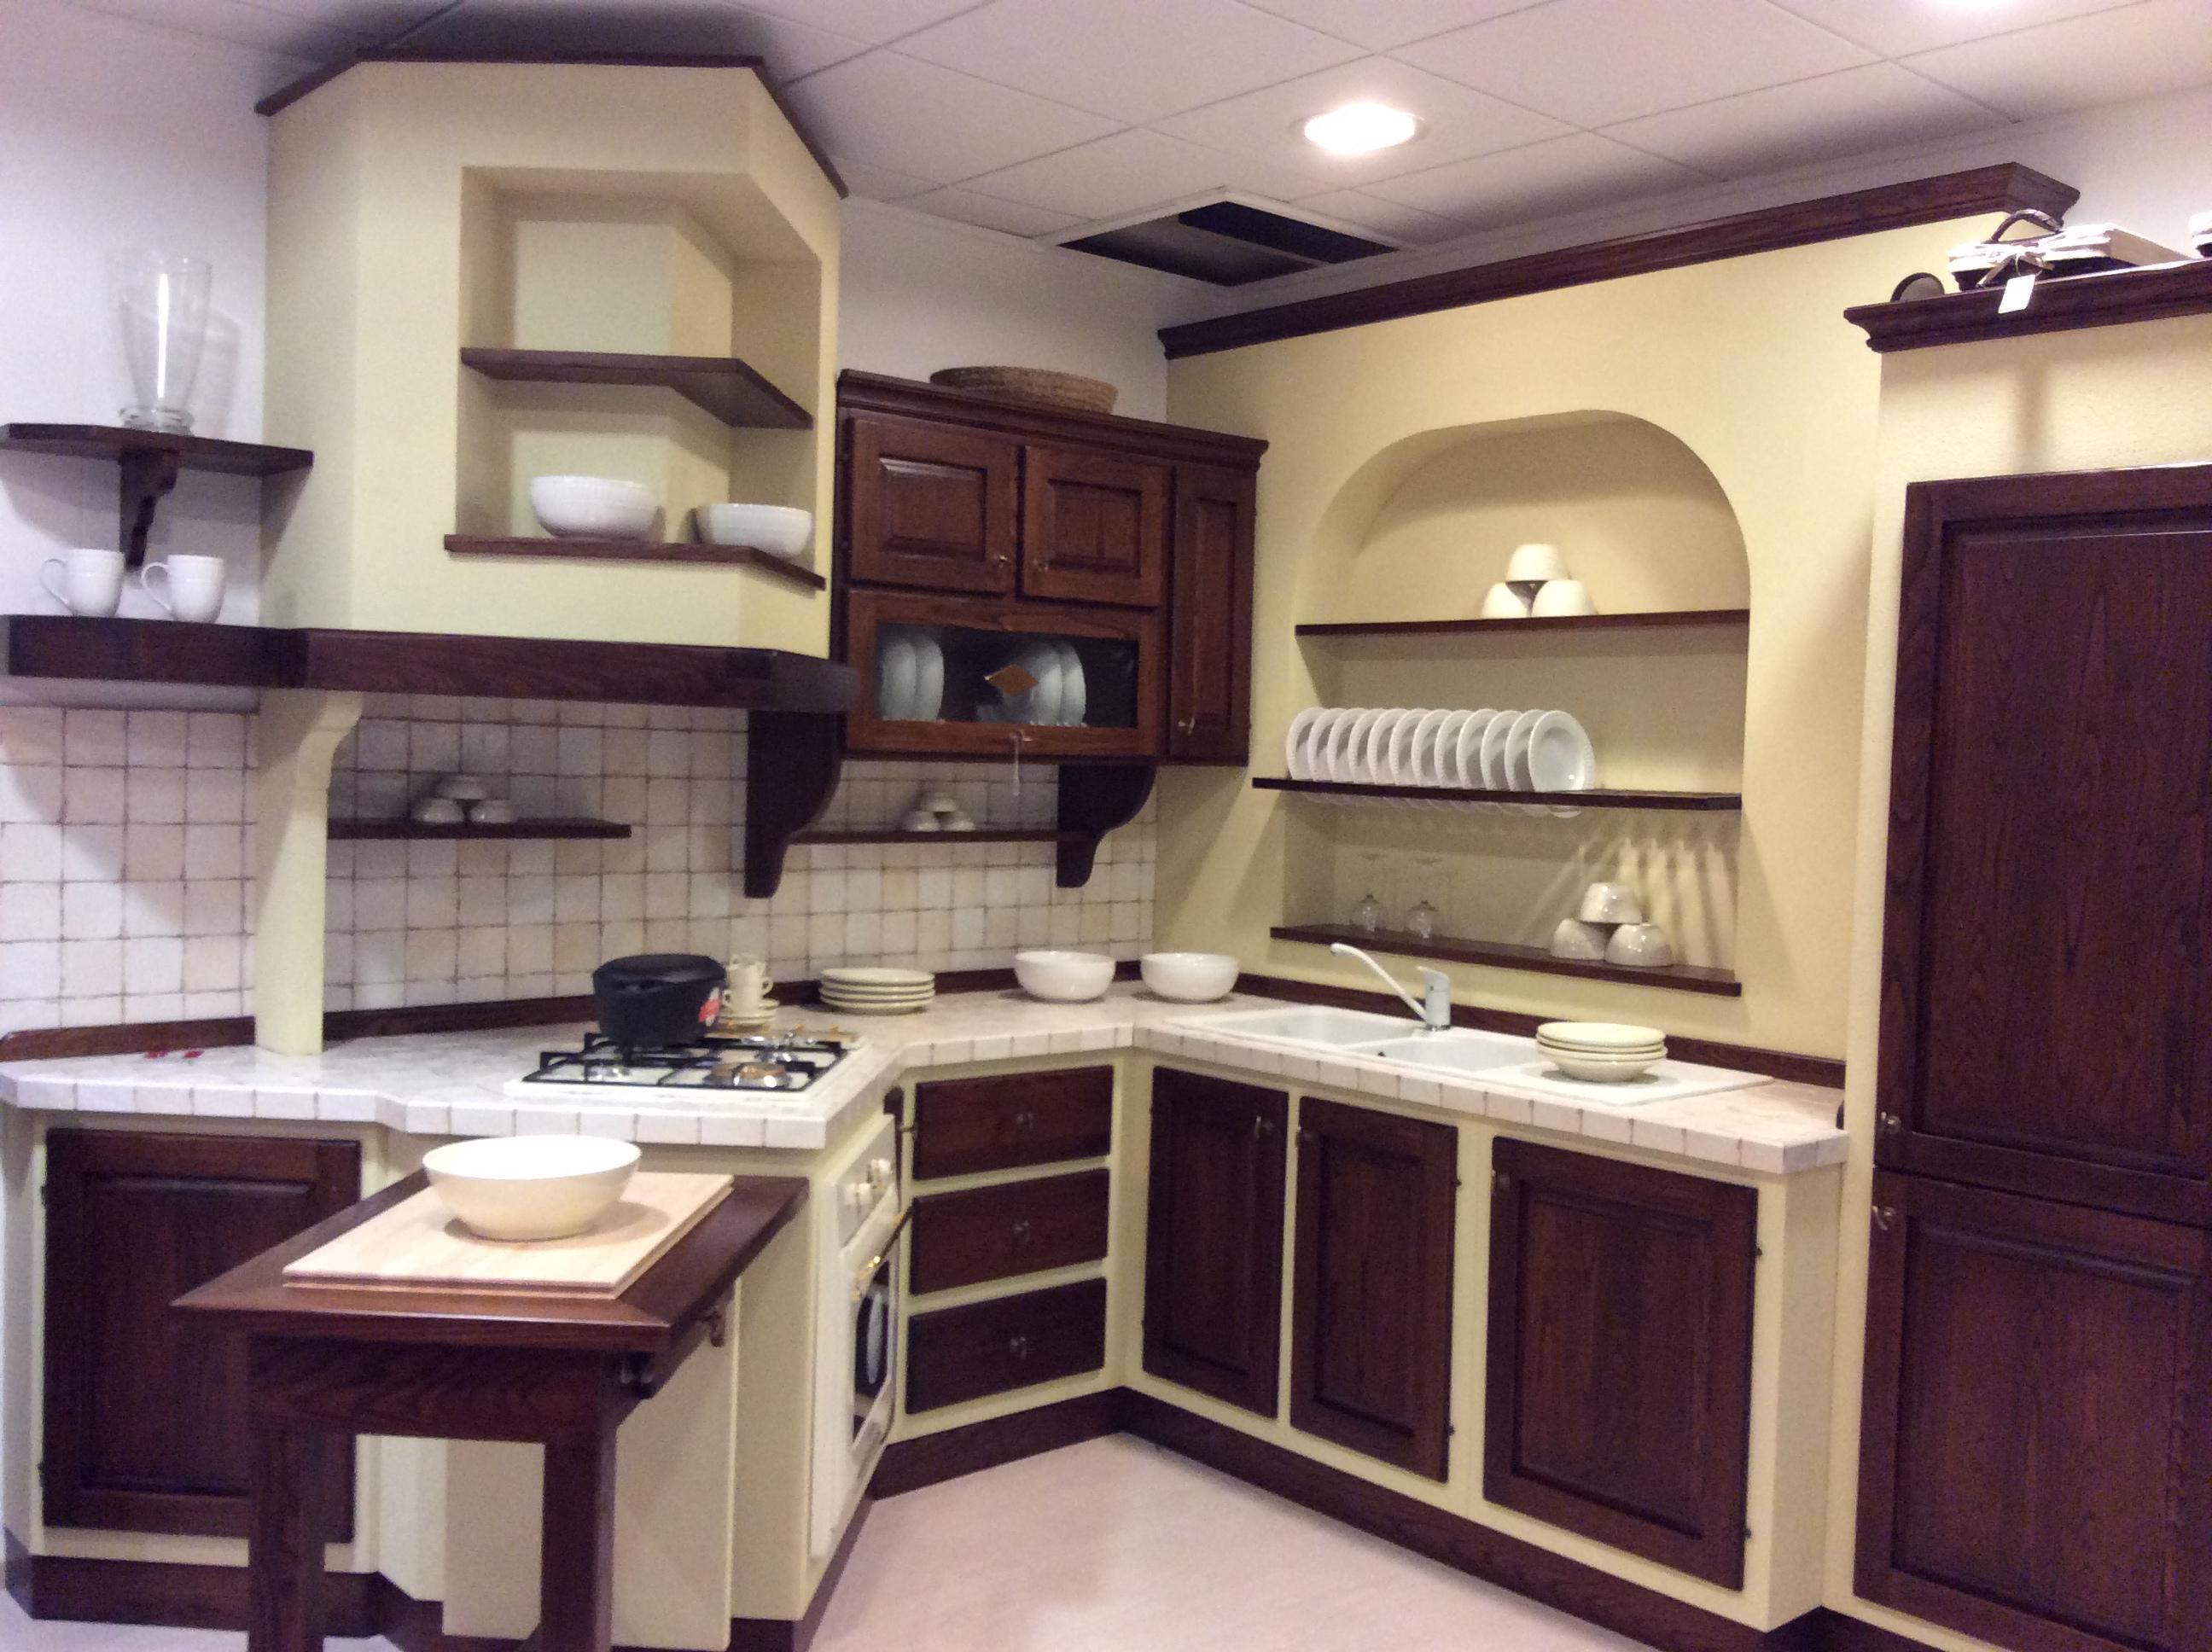 Cucina finta muratura cucine a prezzi scontati - Cucina in muratura prezzo ...